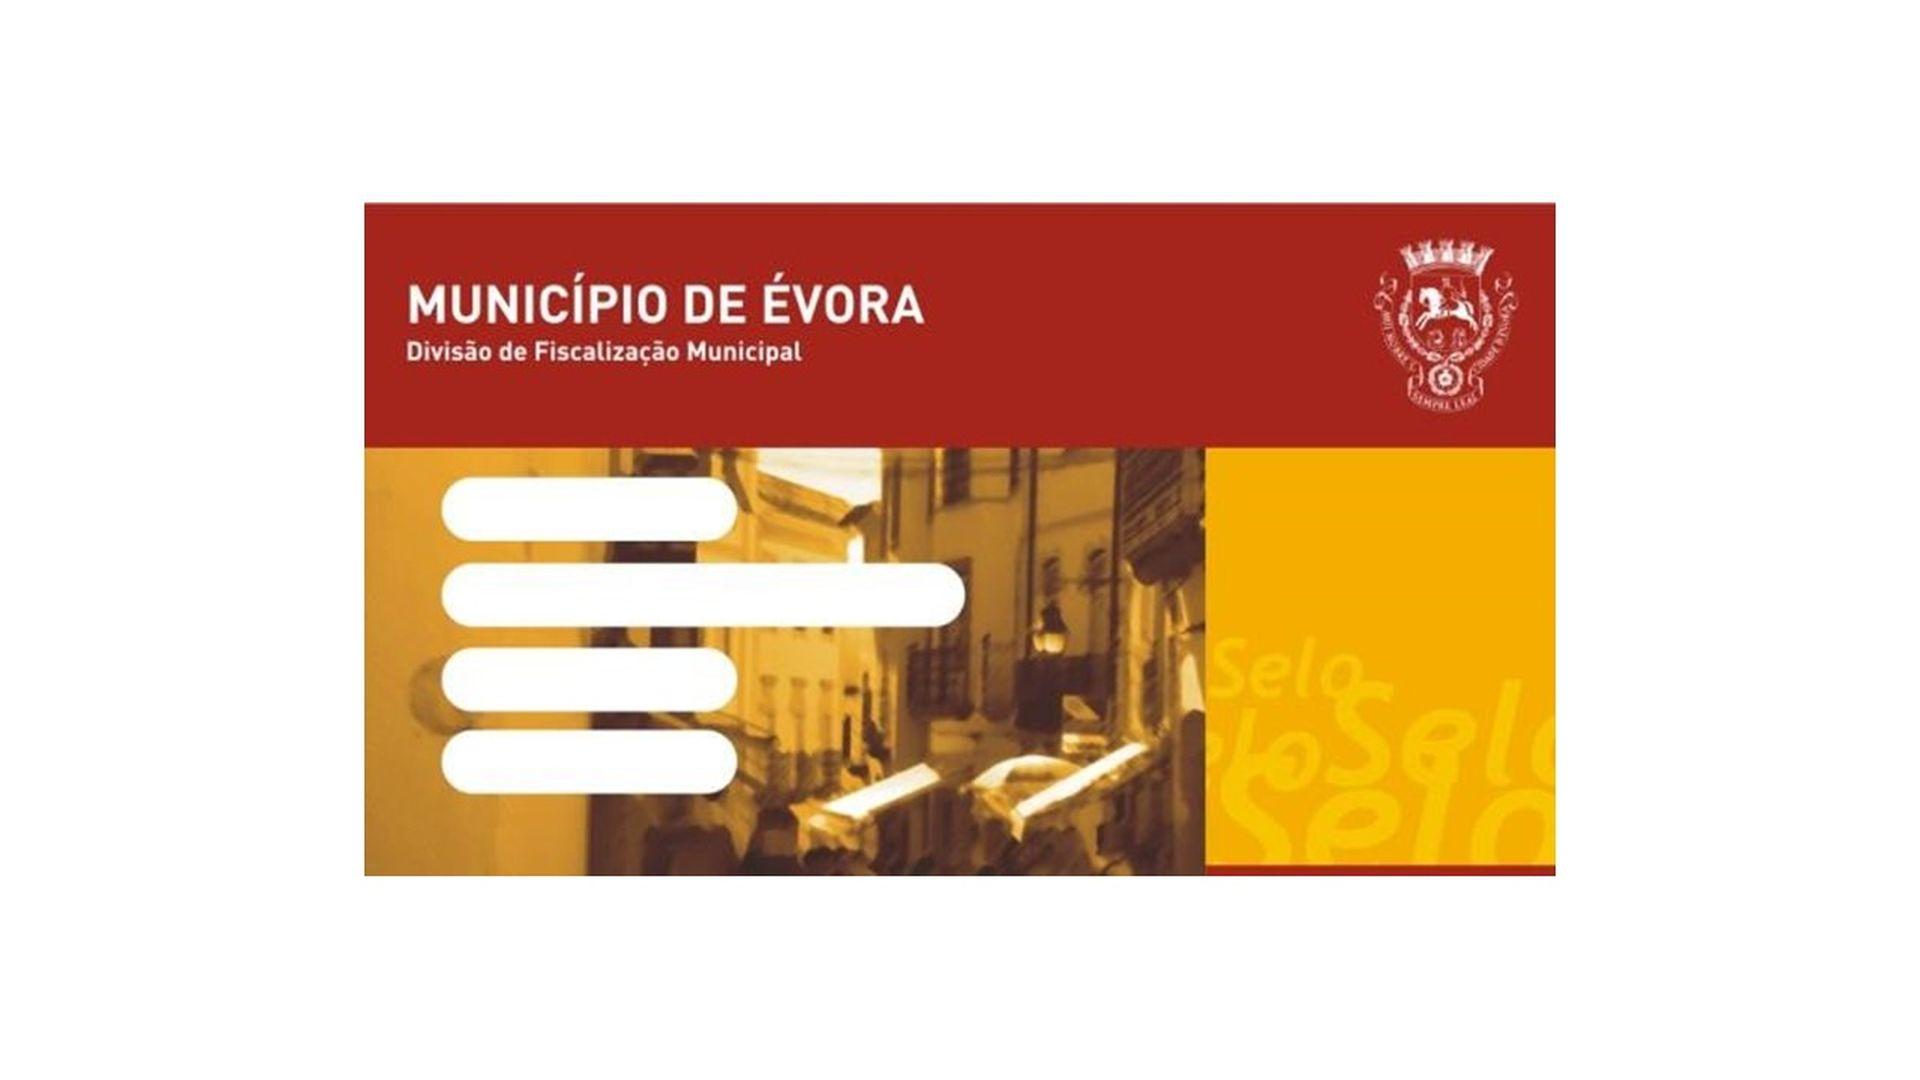 (Português) Renovação anual do selo de residente para estacionamento tem início a 19 de abril